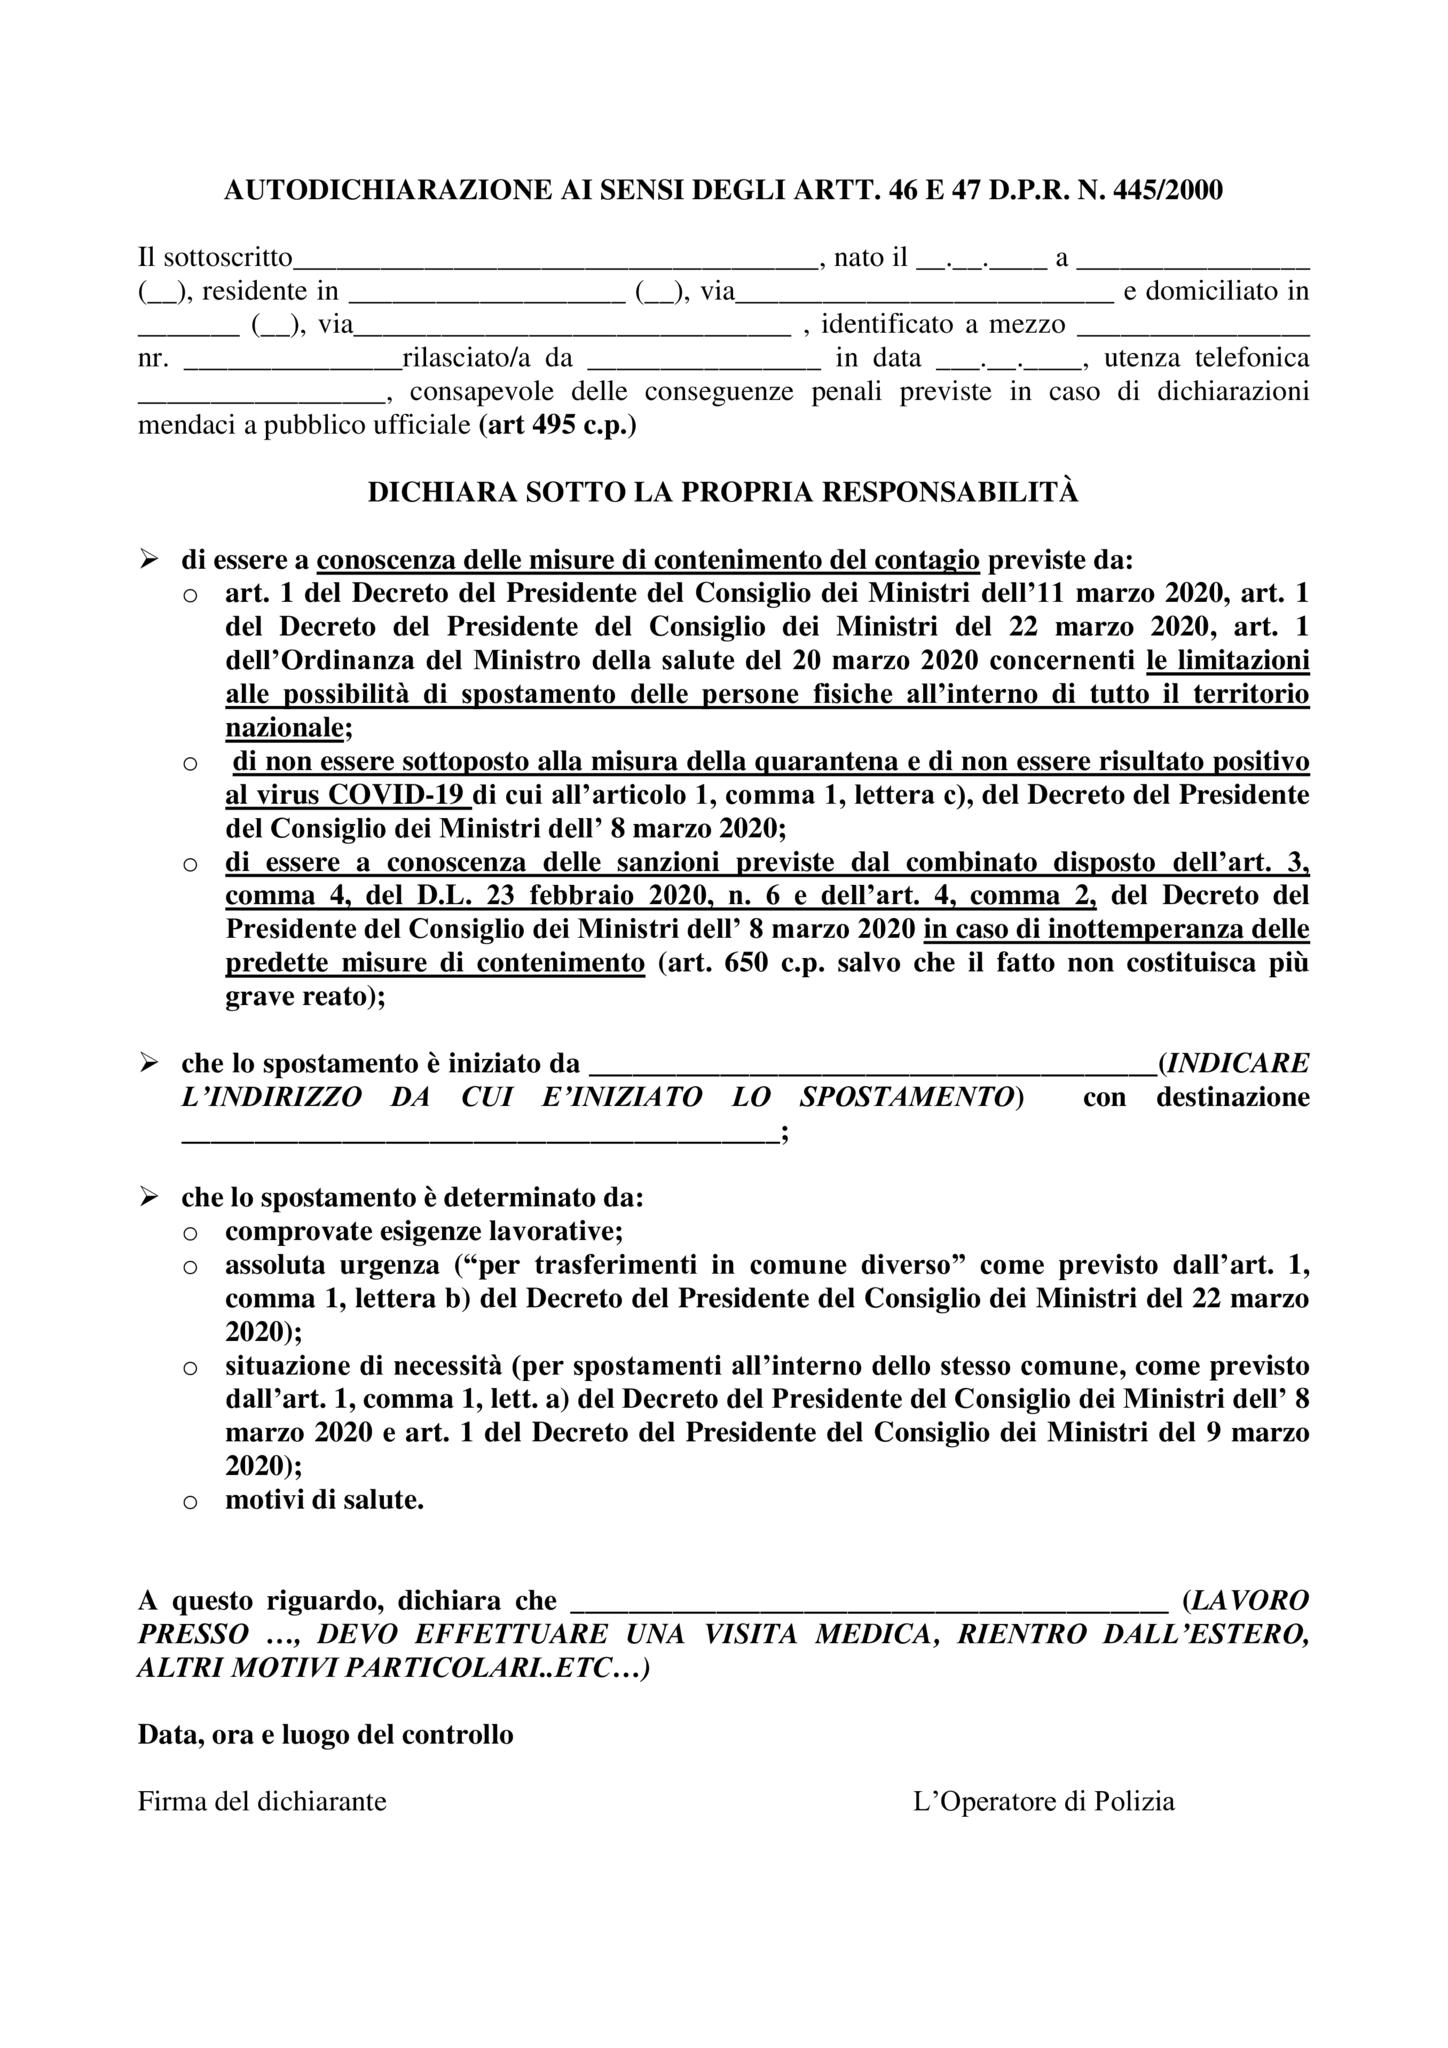 thumbnail of NUOVO AUTOCERTIFICAZIONE MODELLO 23 MARZO 2020.pdf.pdf.pdf